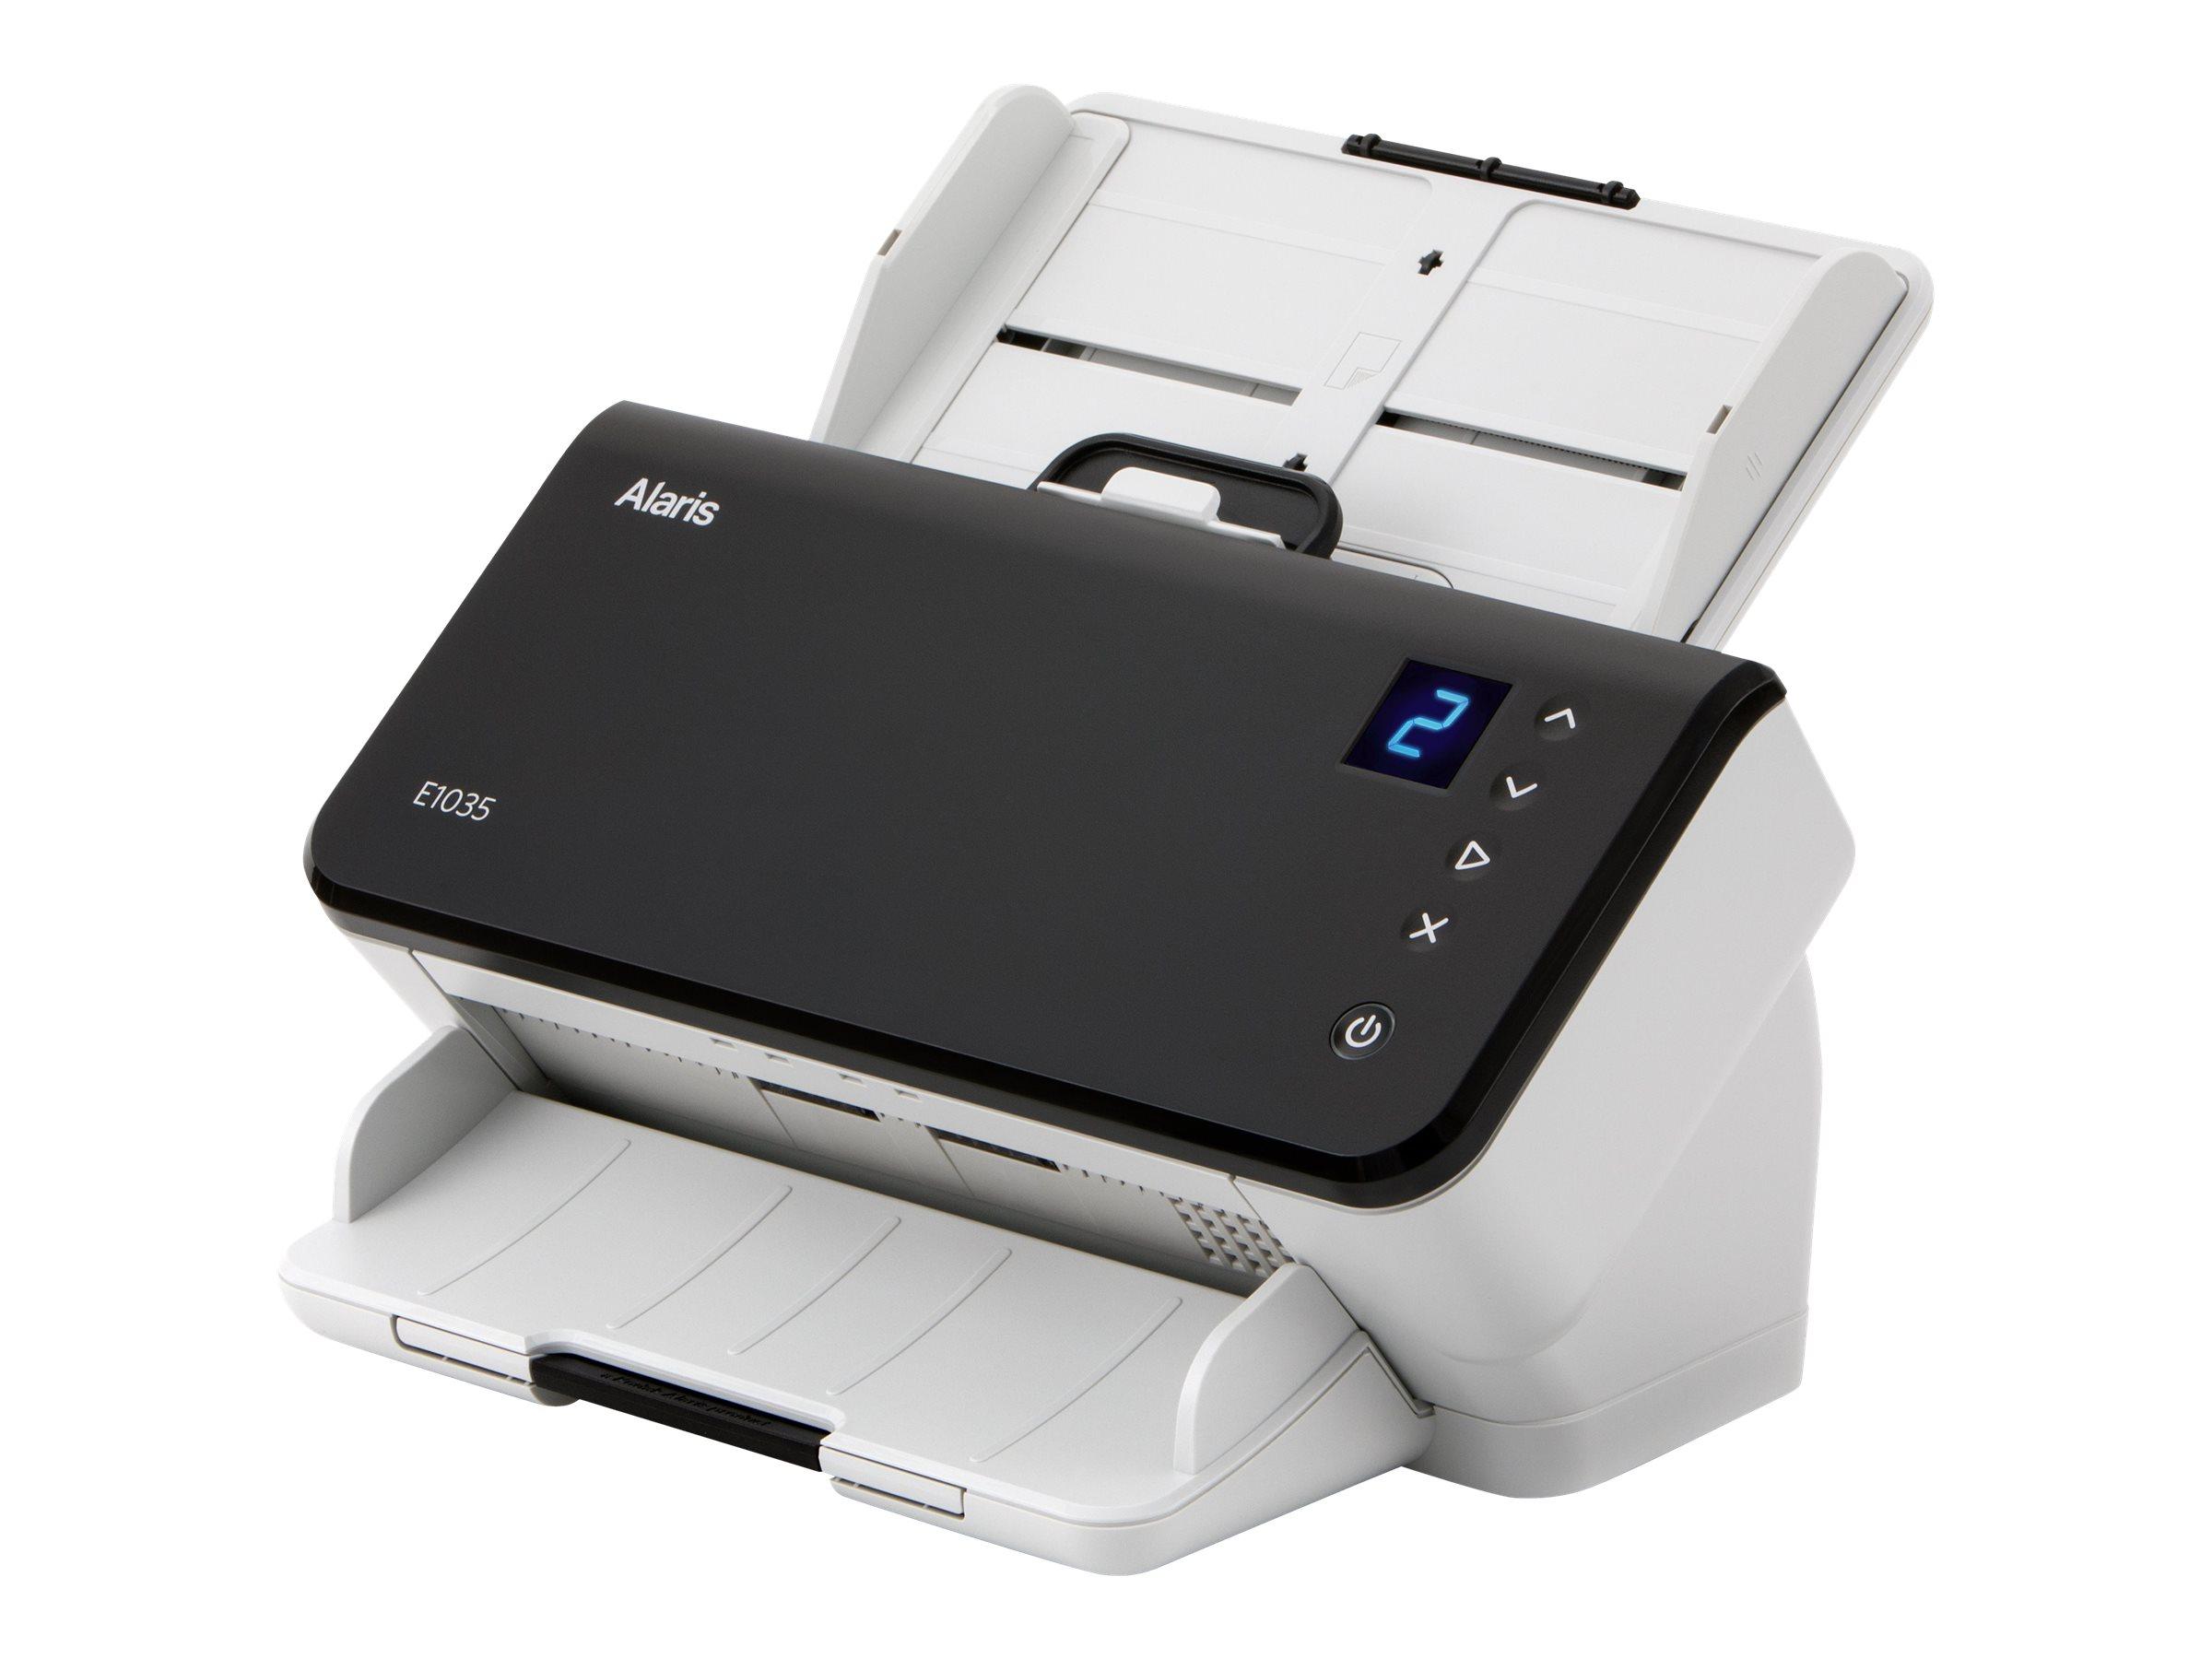 Alaris E1035 - Dokumentenscanner - 216 x 3000 mm - 600 dpi - bis zu 35 Seiten/Min. (einfarbig) / bis zu 35 Seiten/Min. (Farbe) -